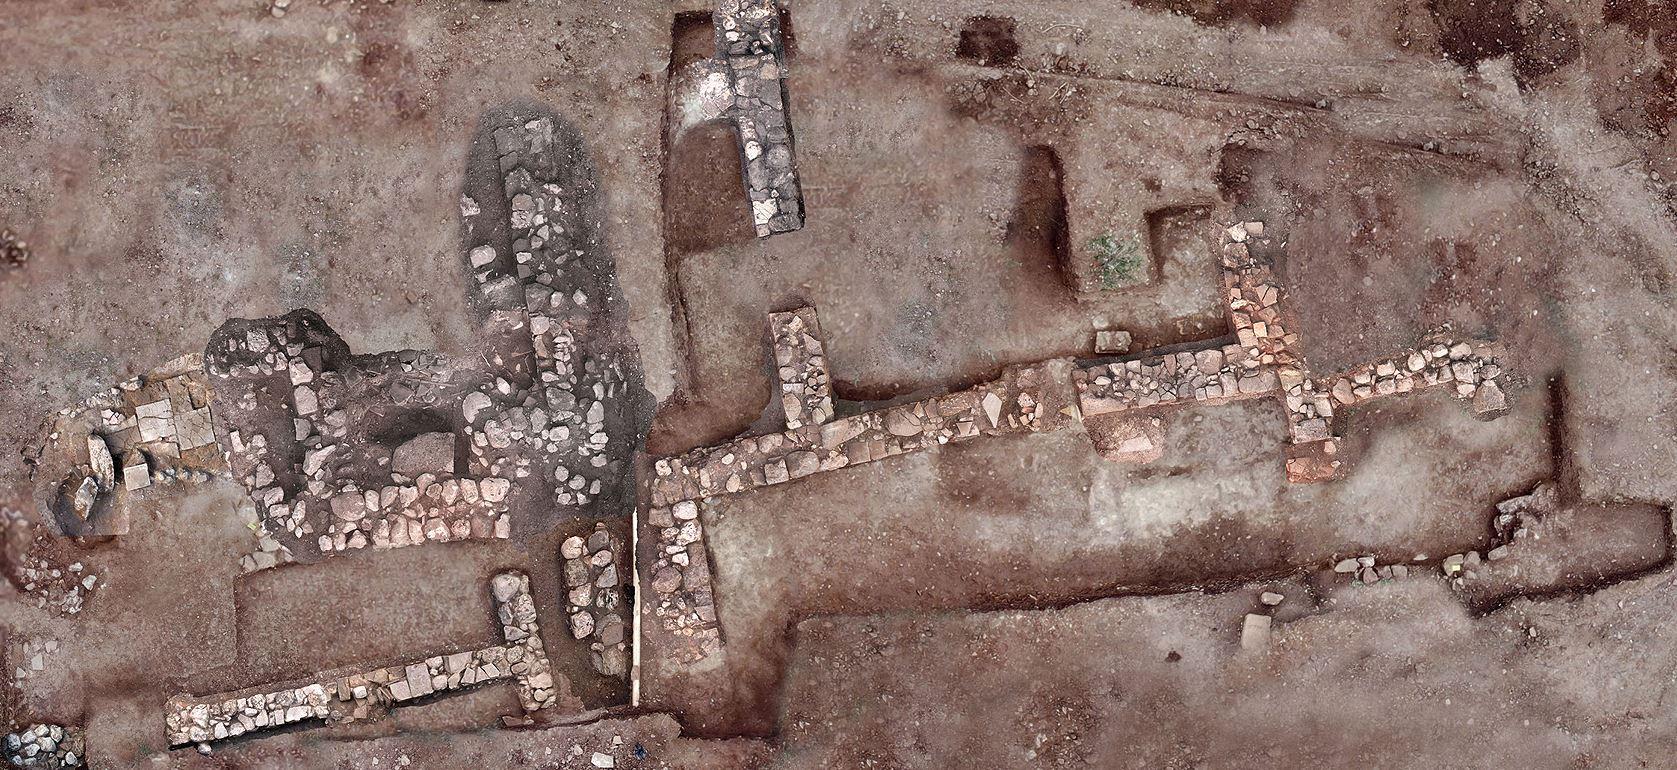 sto-fos-i-archaia-tenea-amp-8211-spoydaia-archaiologika-eyrimata-fotografies5